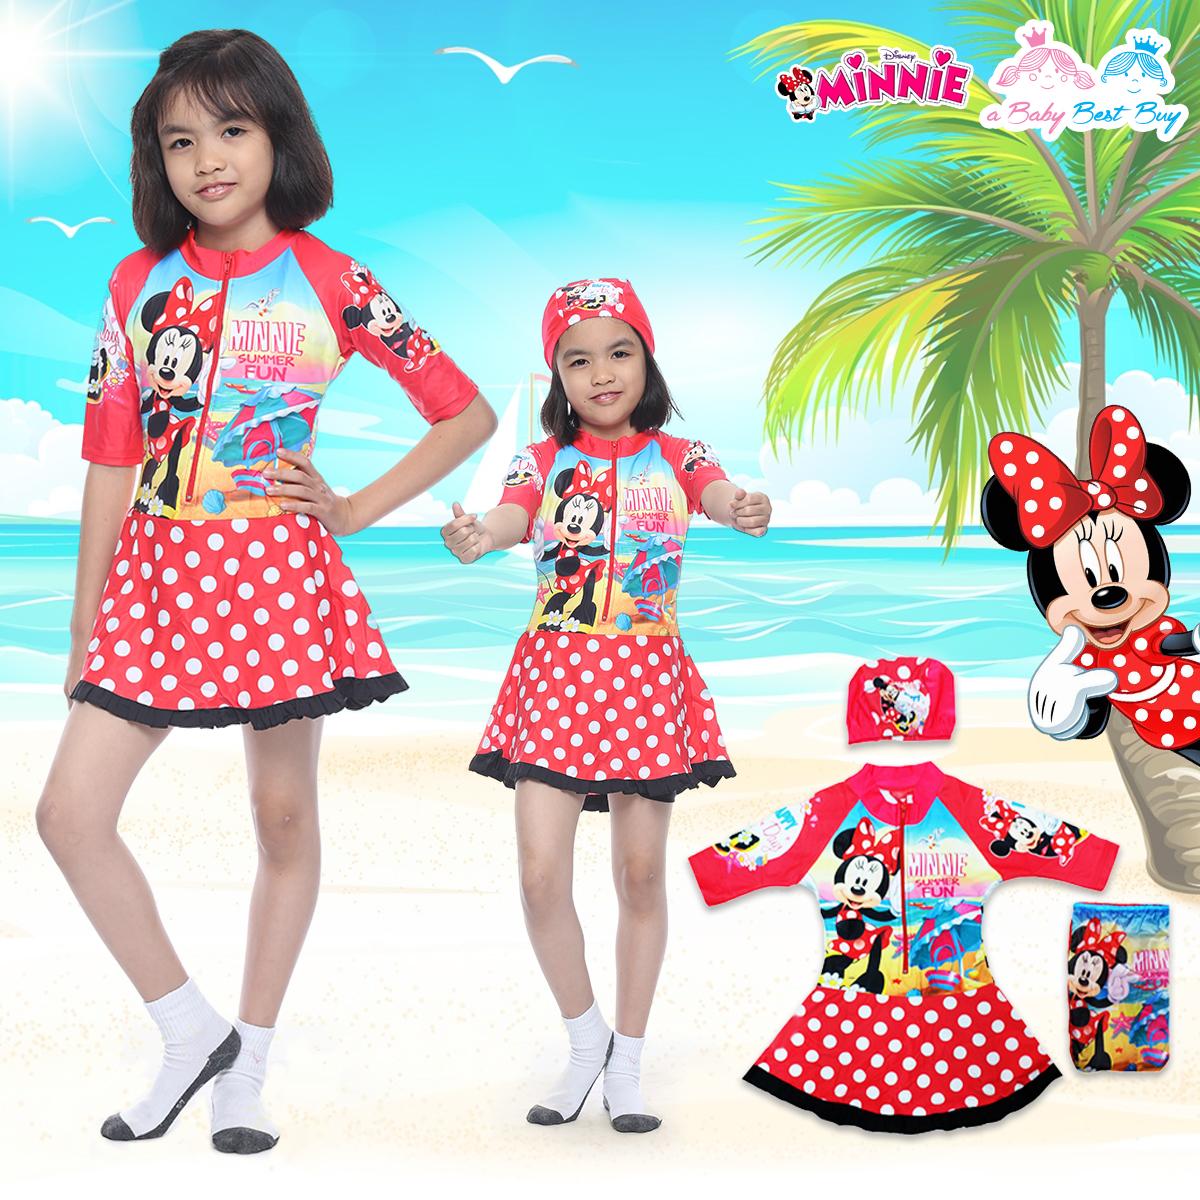 """""""( For Kids ) Swimsuit for Girls ชุดว่ายน้ำ เด็กผู้หญิง Disney Minnie Mouse บอดี้สูทเสื้อแขนยาว กระโปรงกางเกง มาพร้อมหมวกว่ายน้ำและถุงผ้า สุดน่ารัก ใส่สบาย ดิสนีย์แท้ ลิขสิทธิ์แท้"""